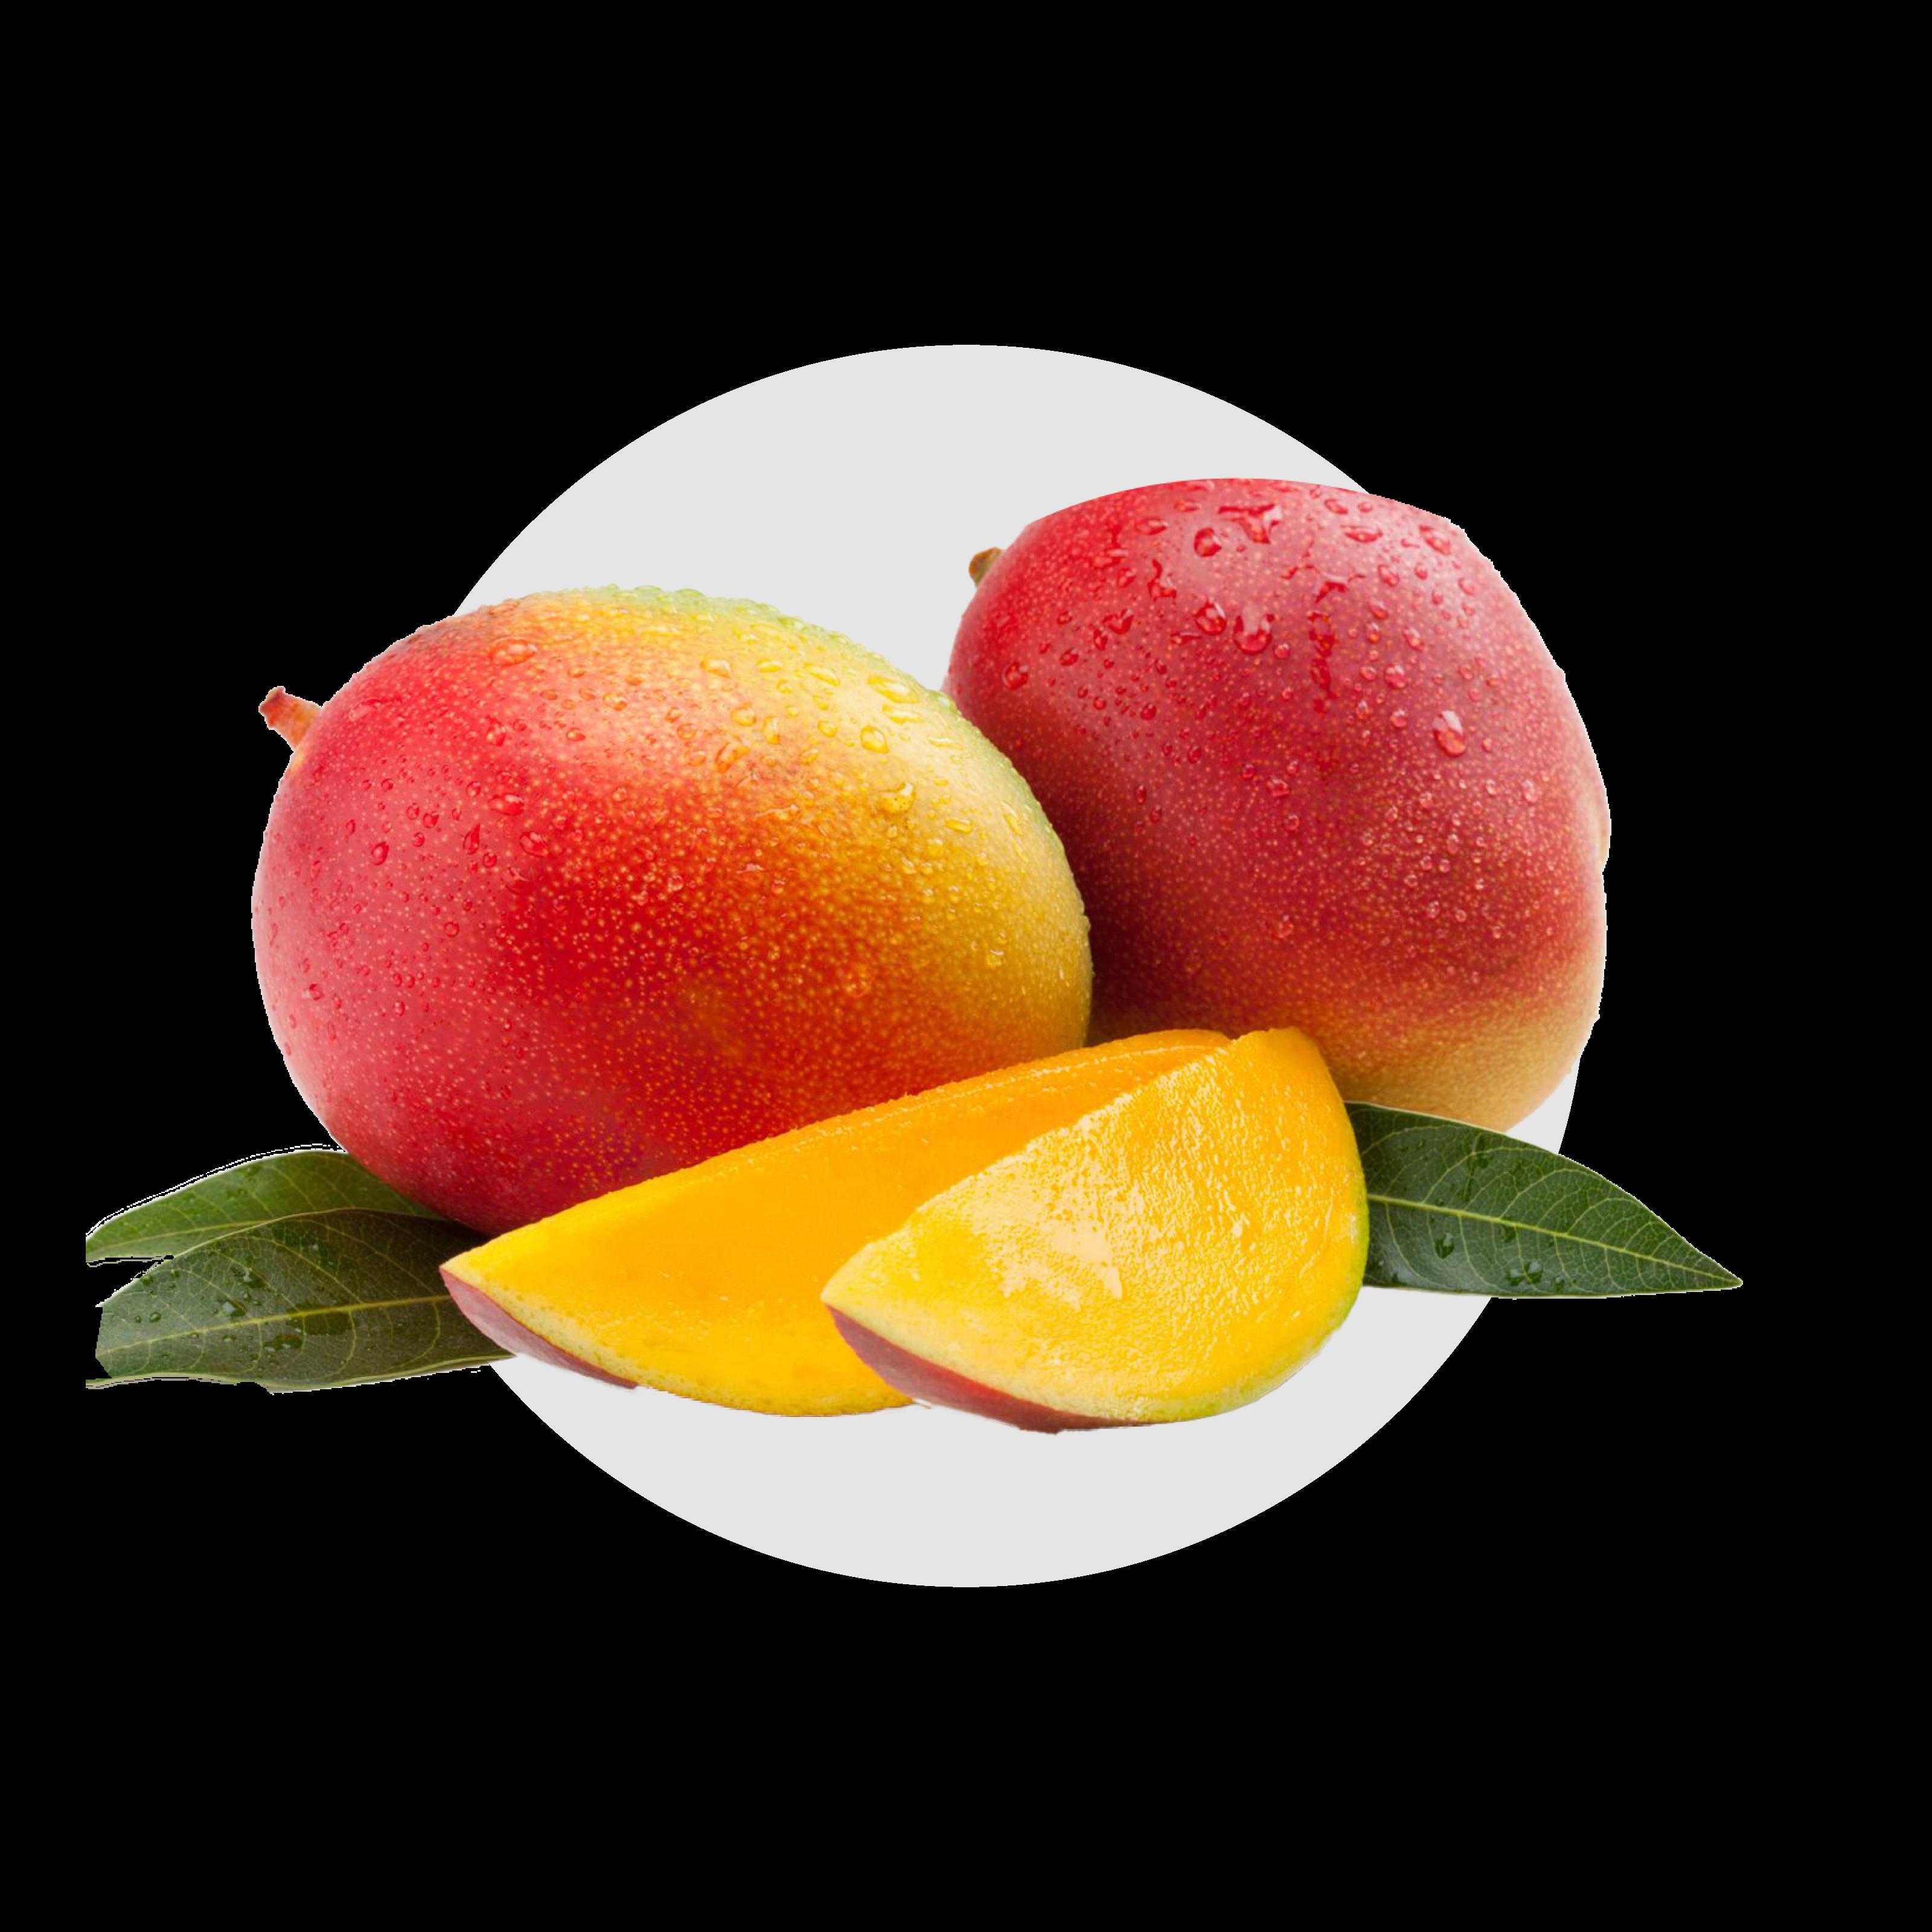 Frutas tropicales - Mango Kent